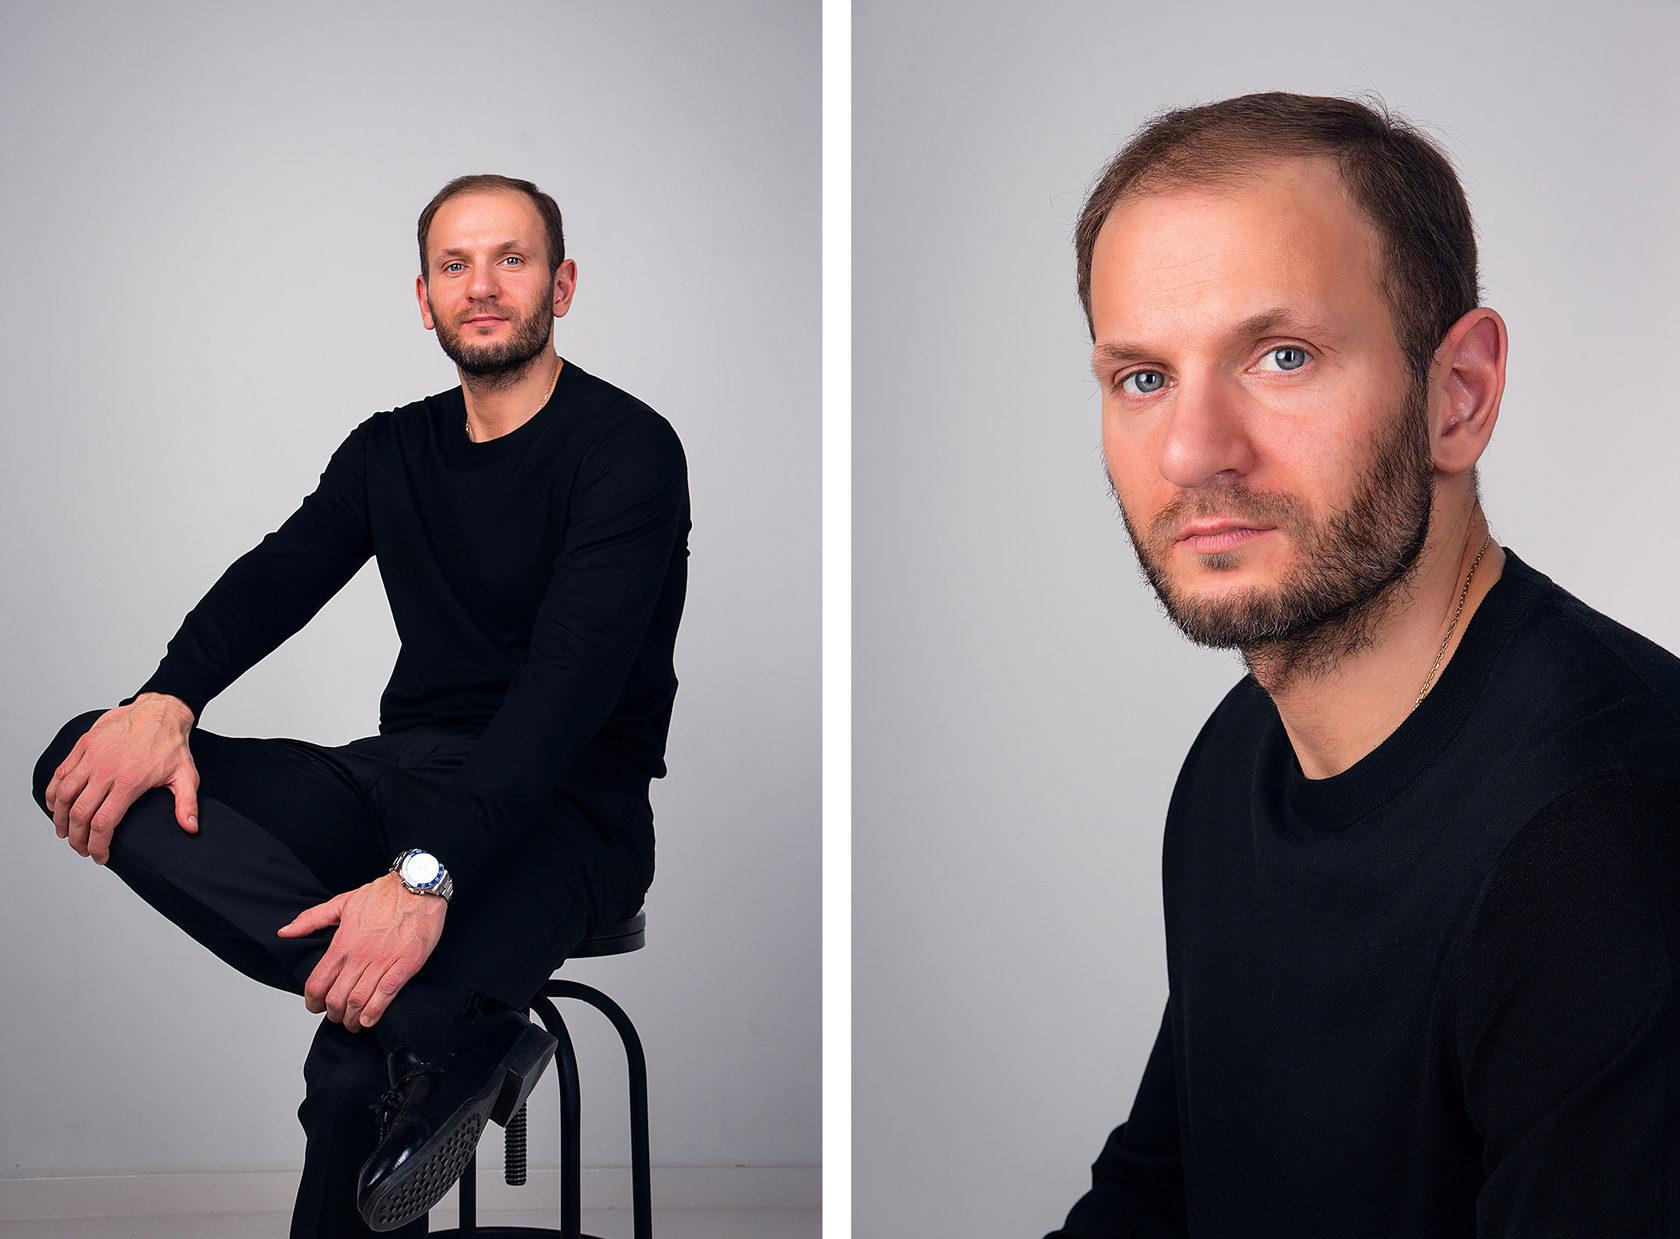 длительное нахождение мужской портрет фотографа с прицелом гильзой миллер